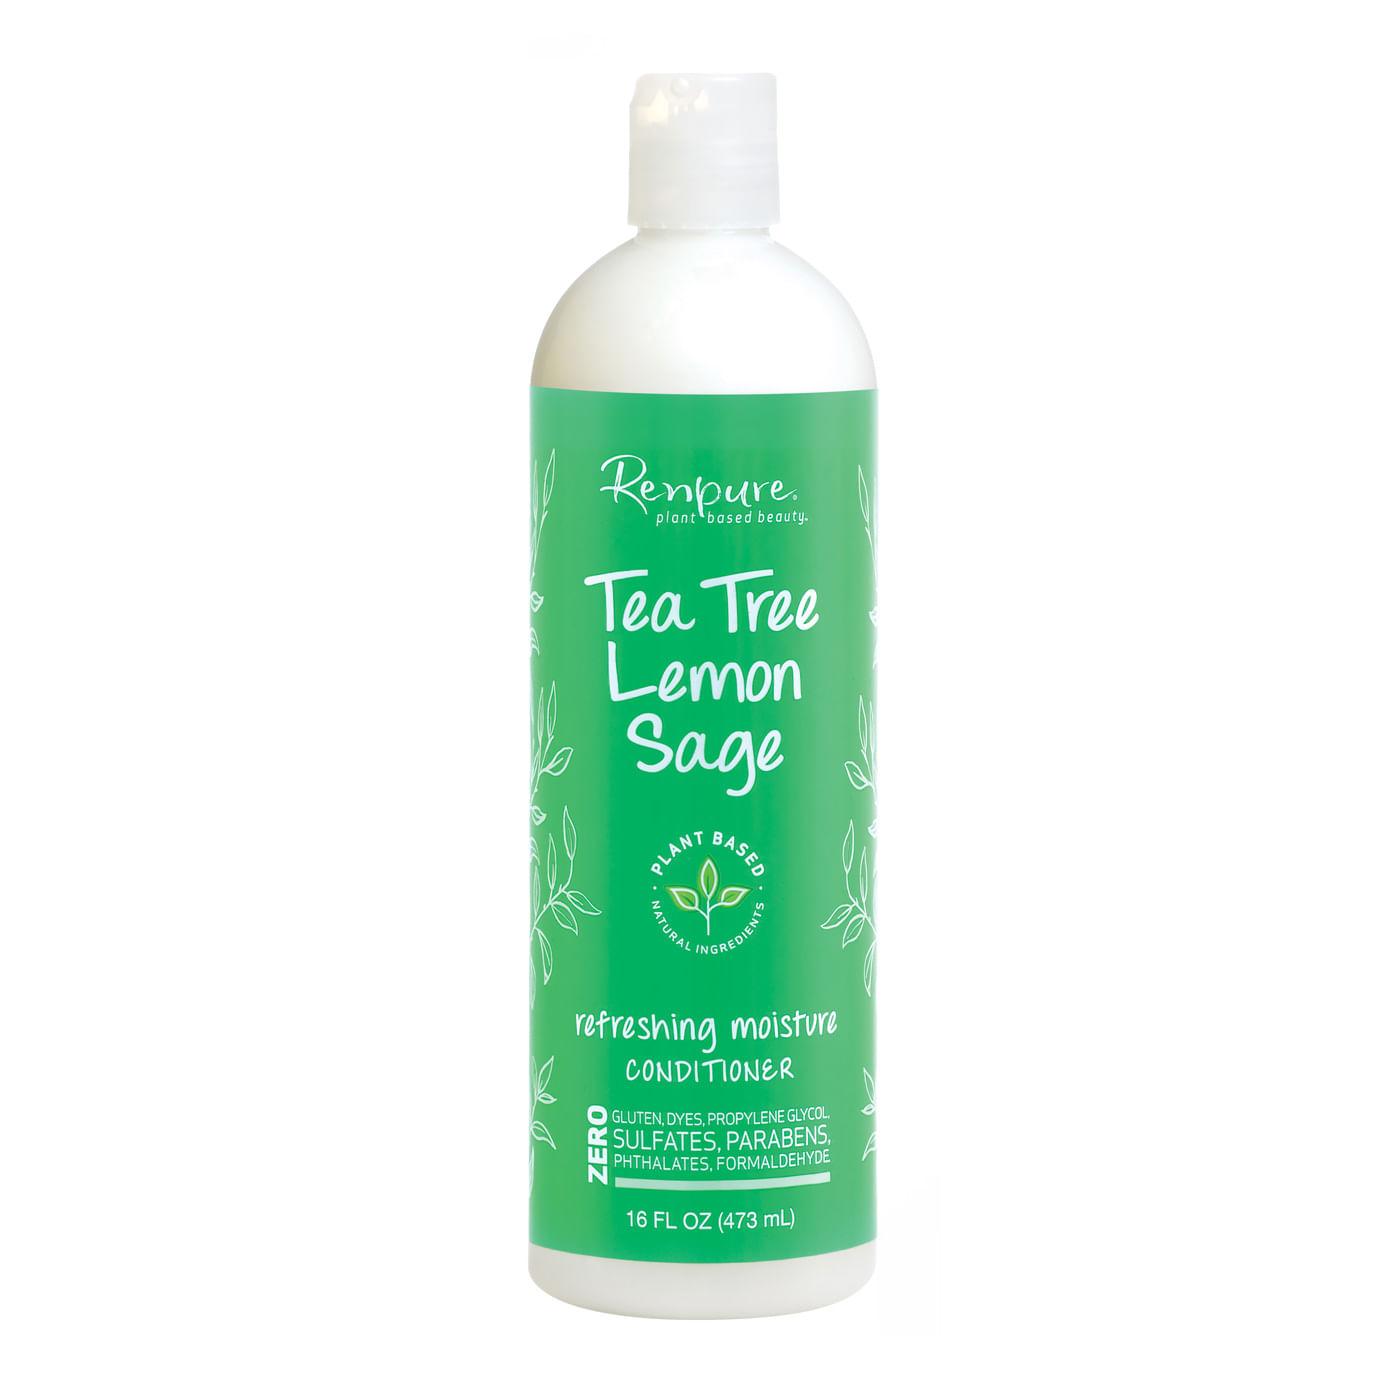 Acondicionador Renpure tea Tree Lemon Sage 16oz